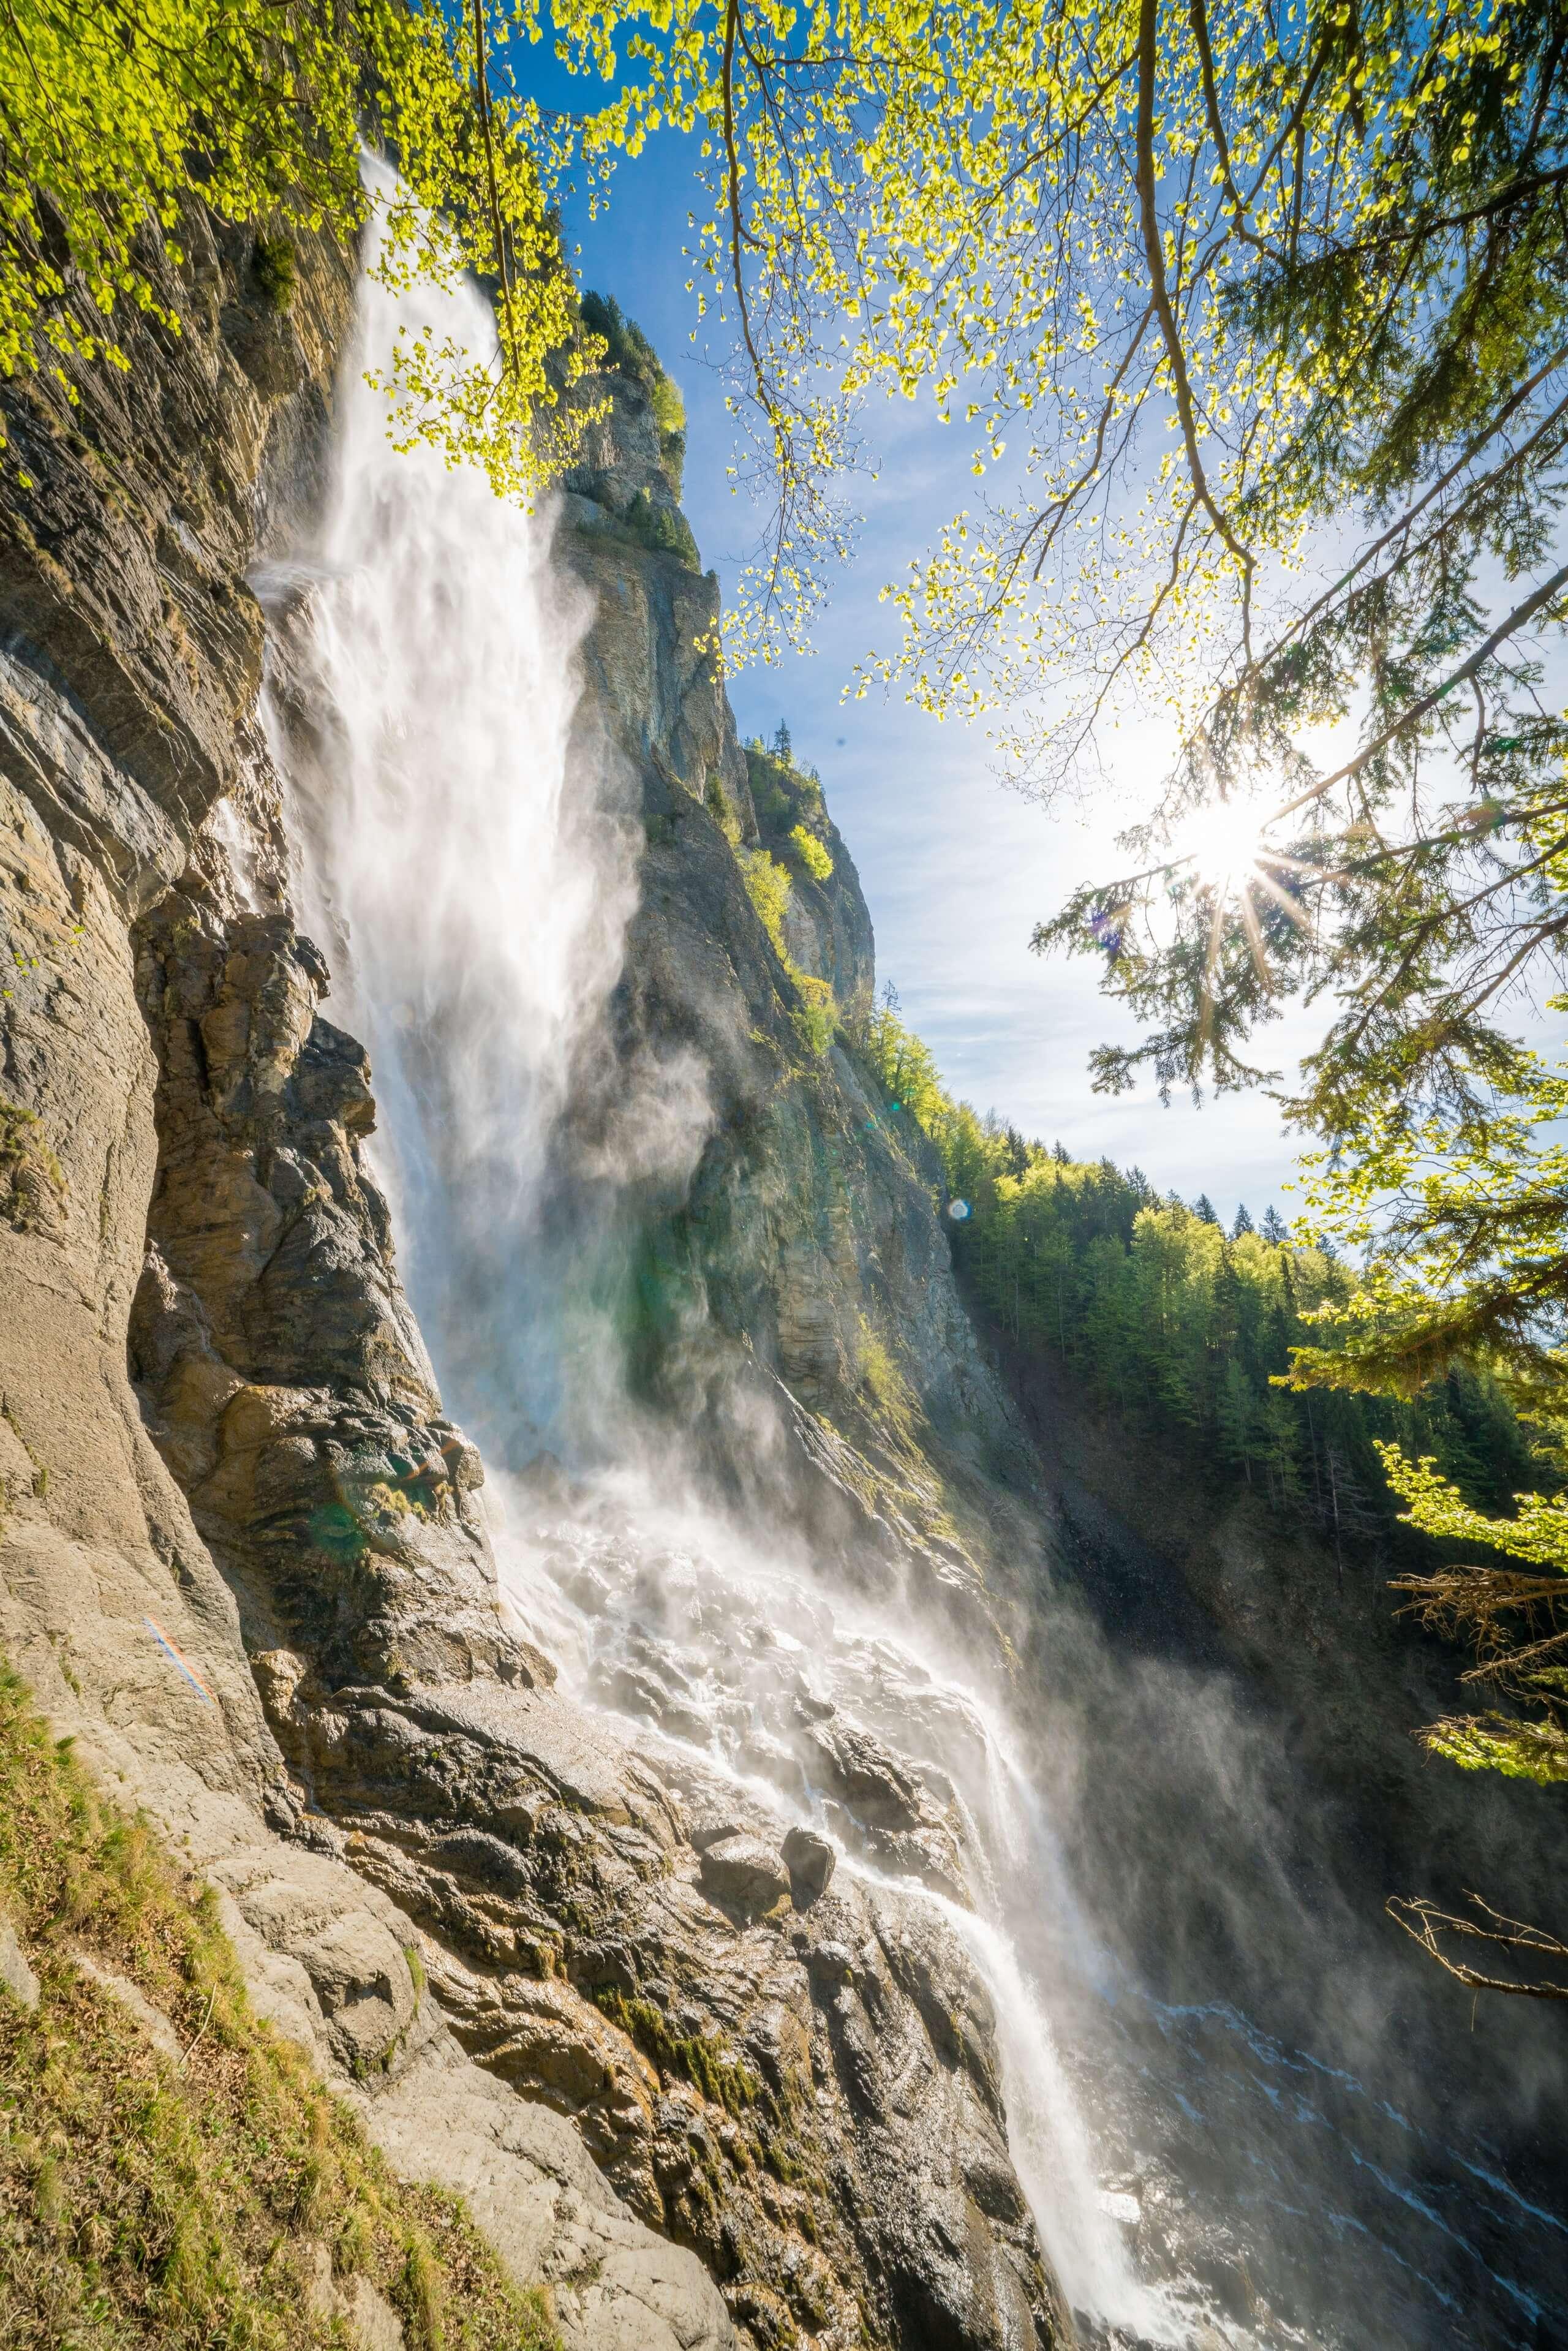 brienz-milibach-wasserfall-felswand-sommer-wasser